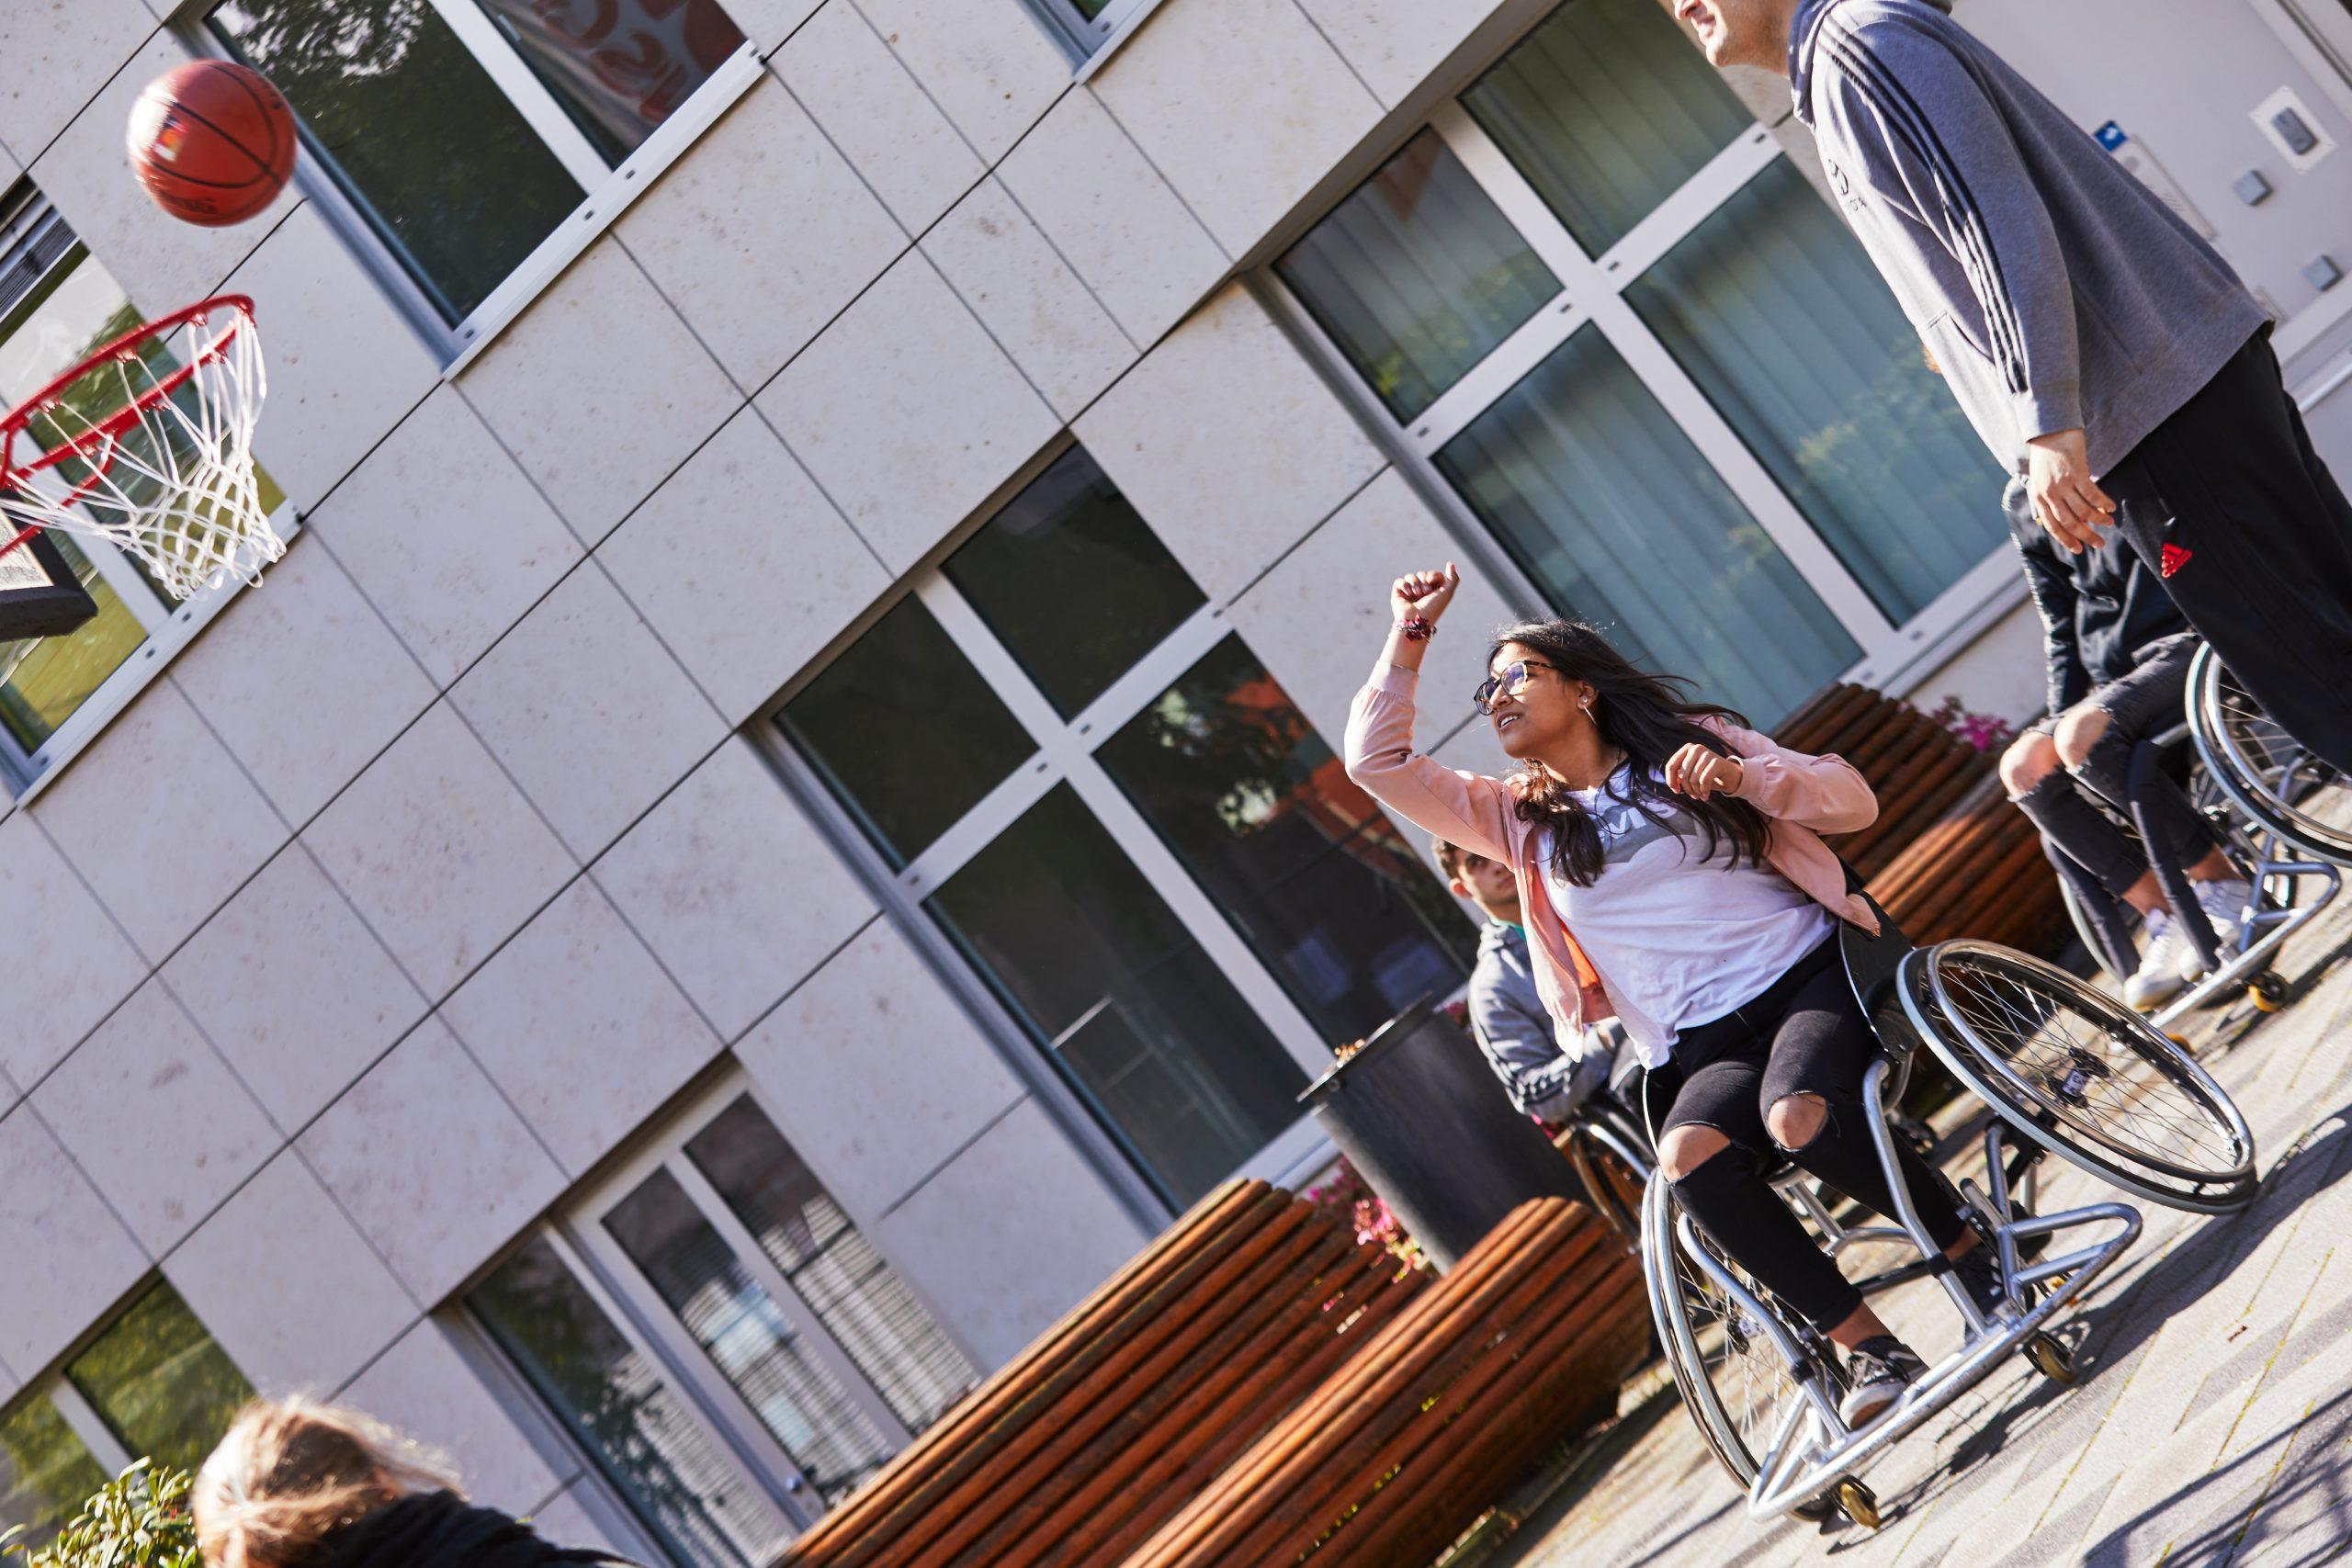 Eine junge Frau sitzt in einem Rollstuhl und wirft mit einem Basketball auf einen Basketballkorb. Neben ihr steht ein junger Mann.